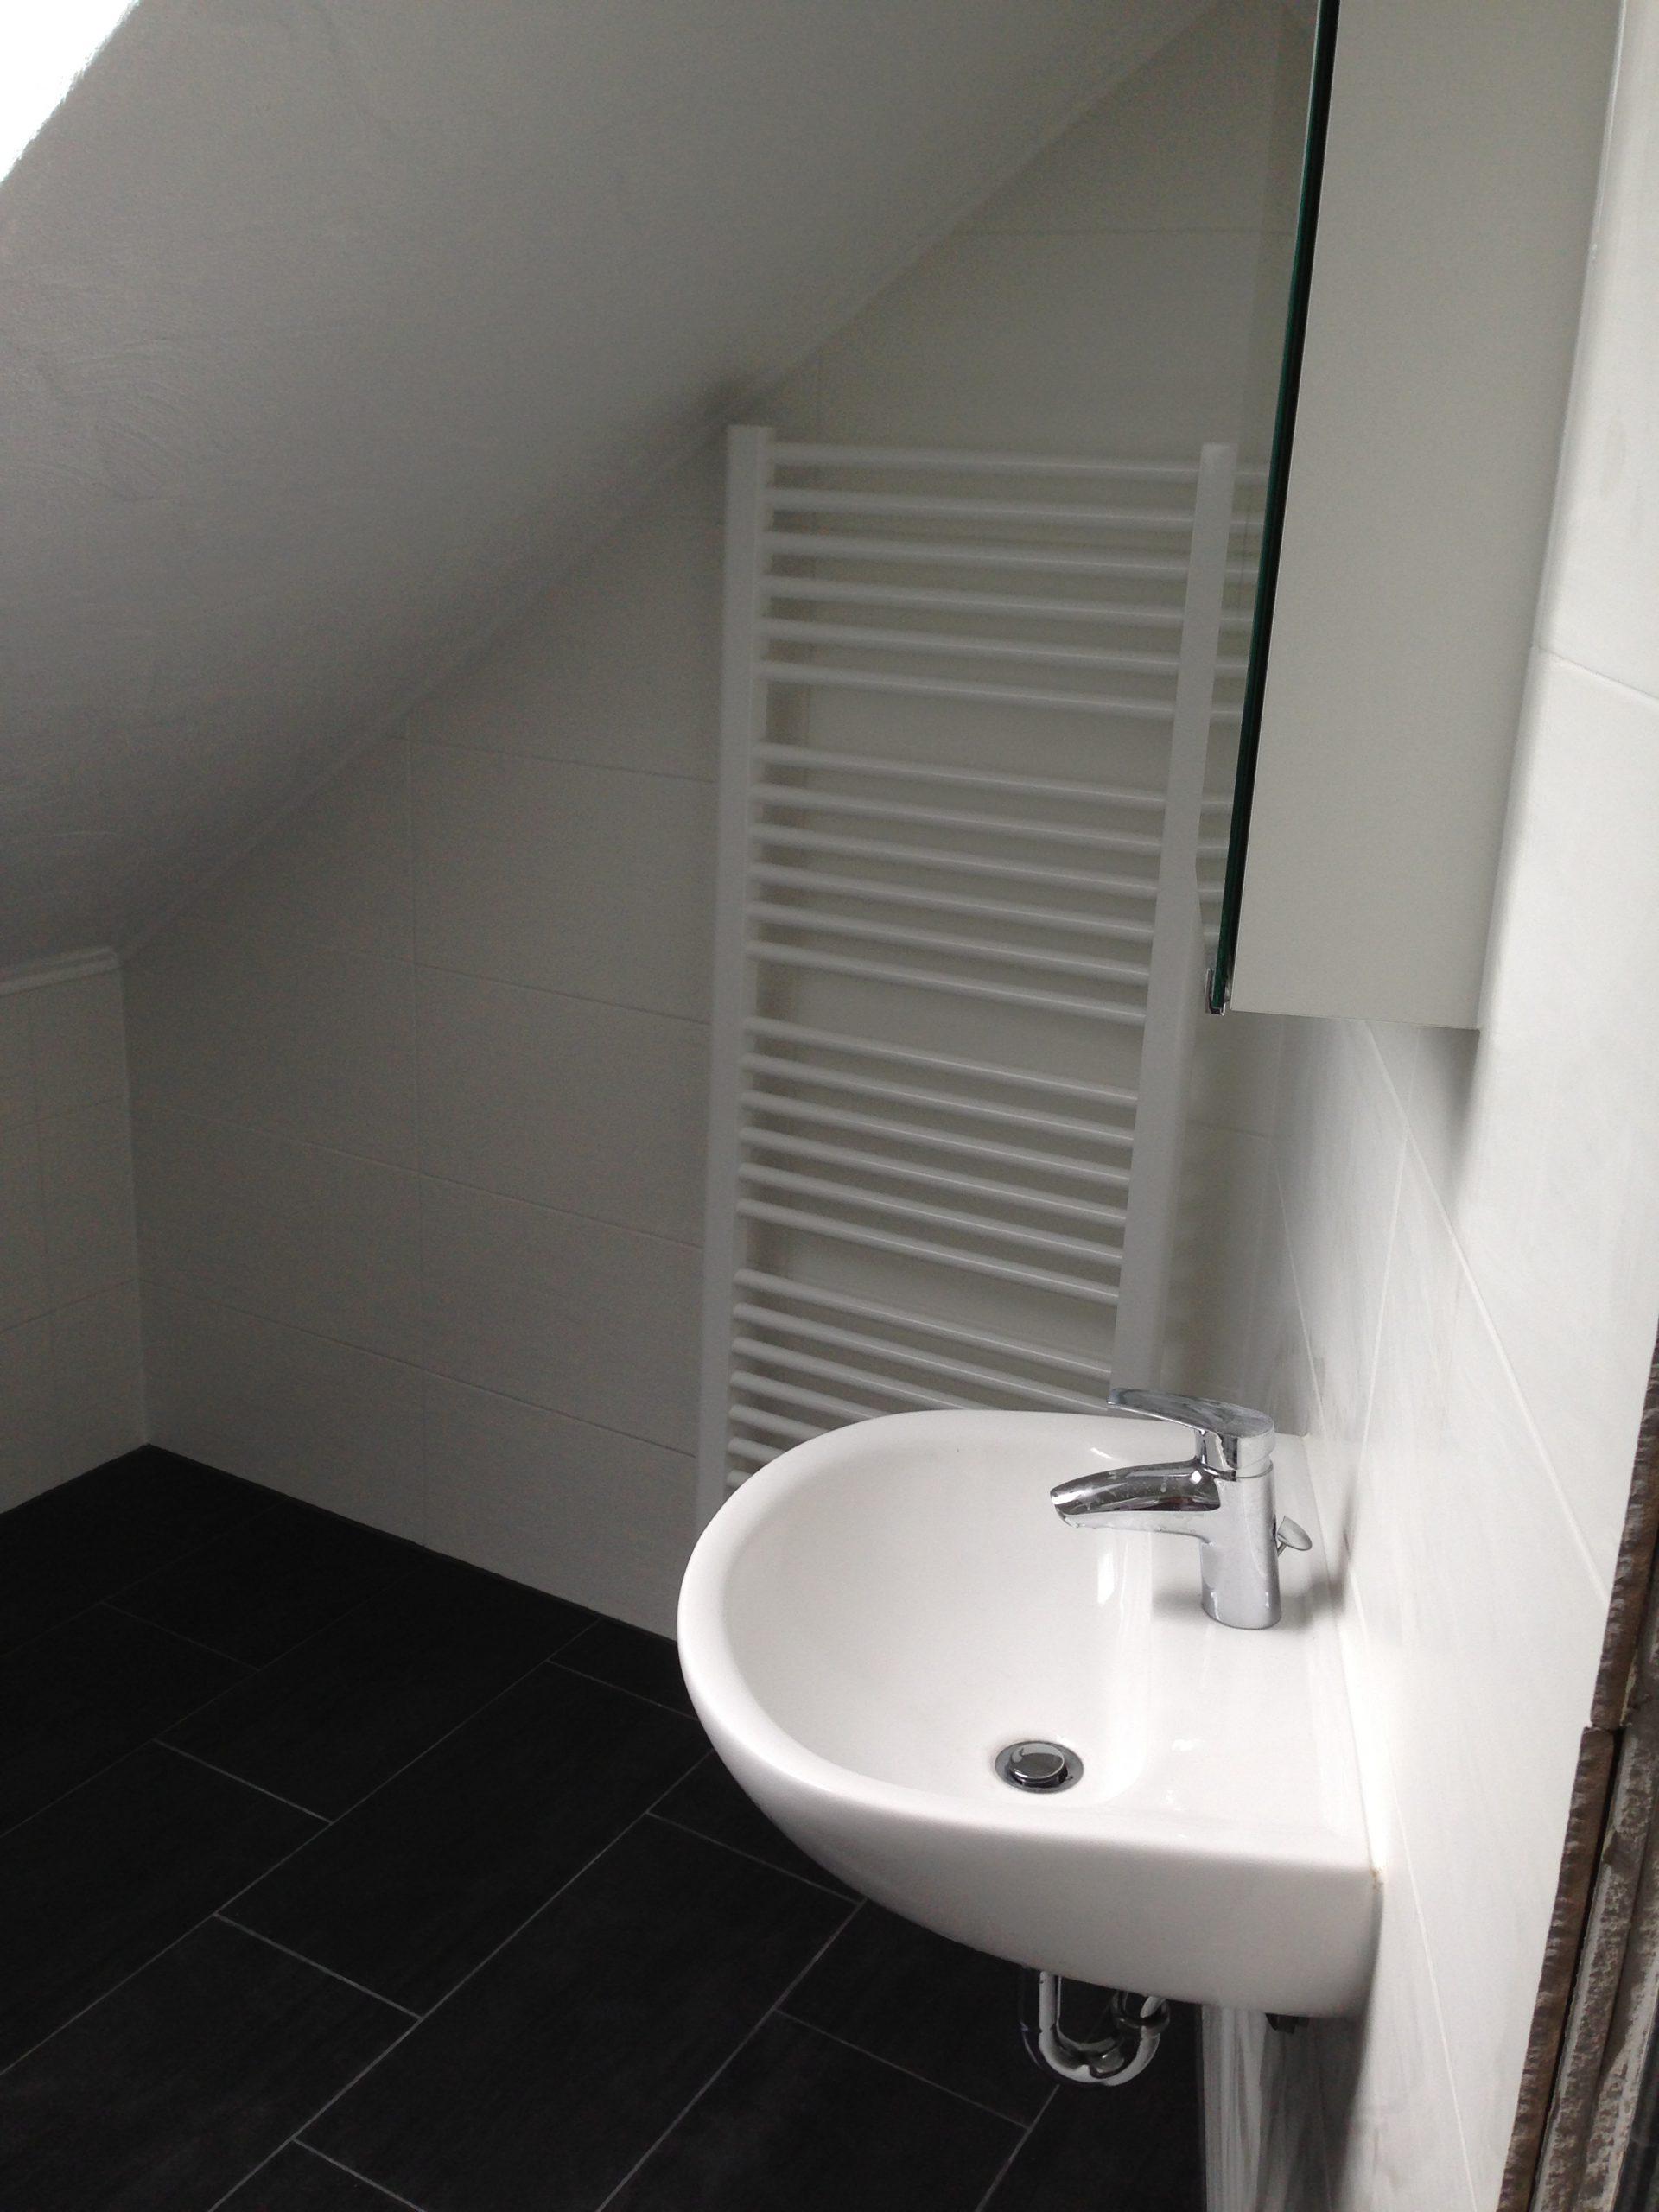 Neues Waschbecken und Fliesen nach Renovierung